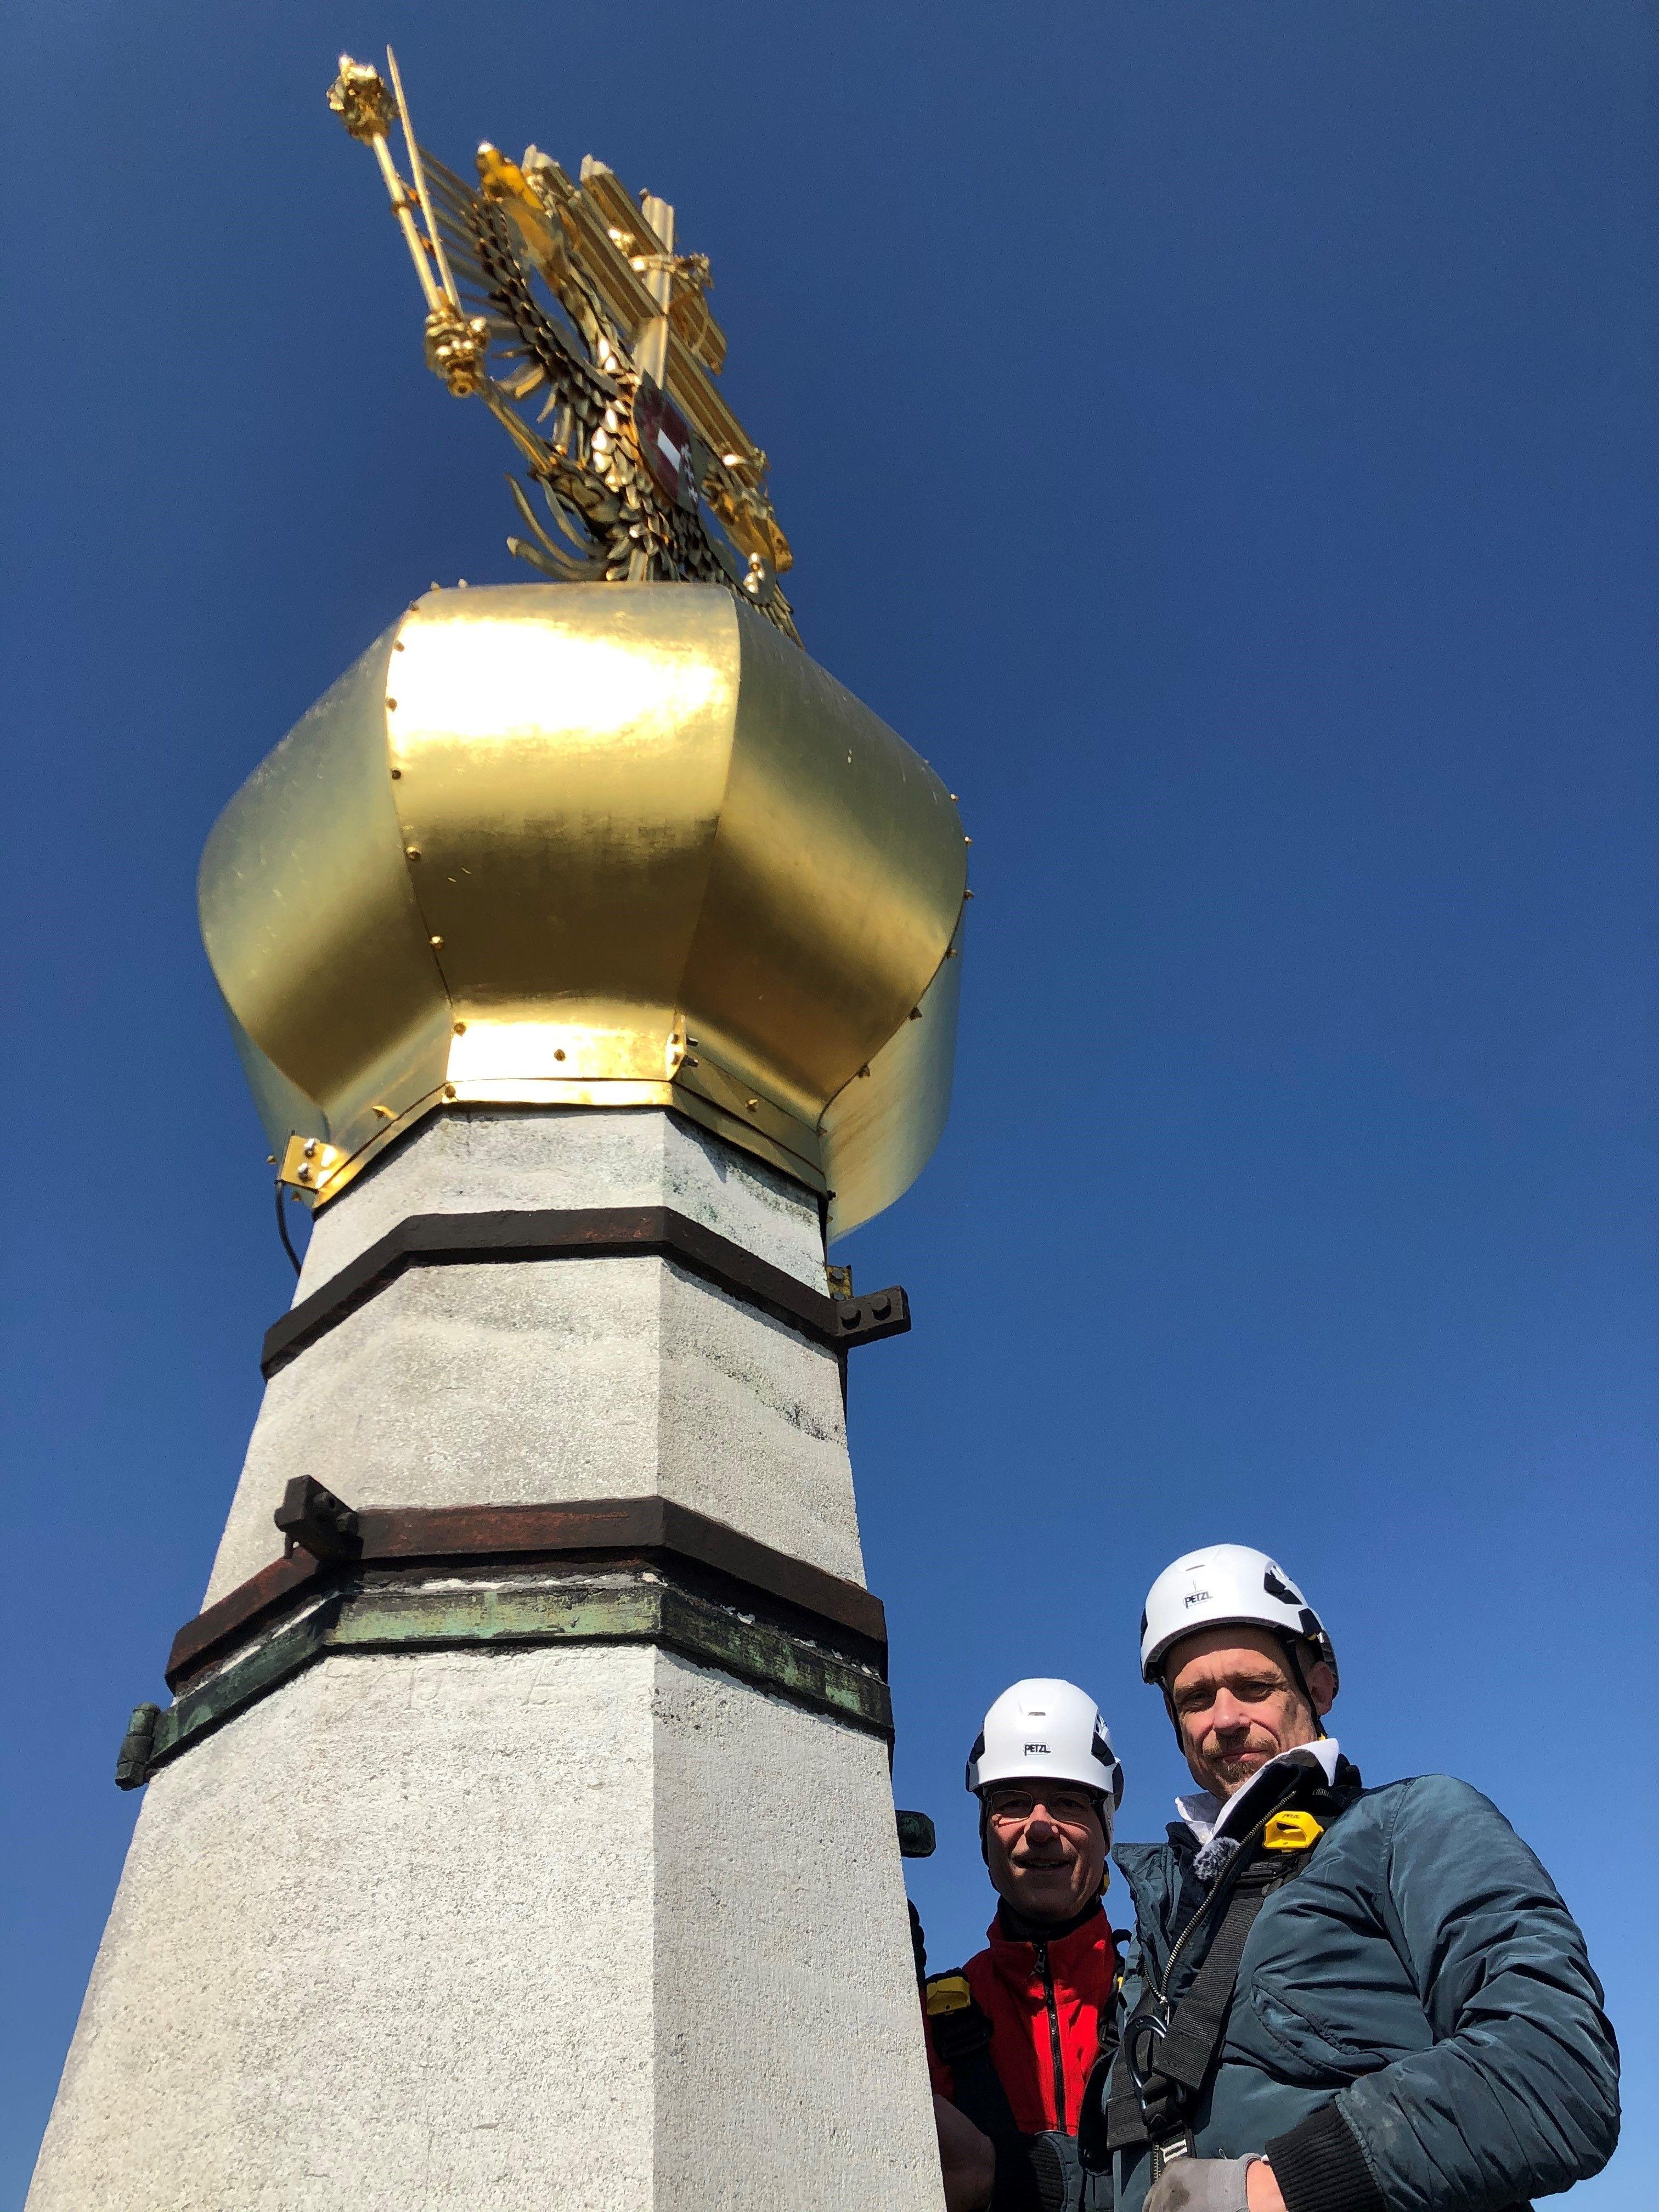 Waghalsige Turmbesteigung von Gery Keszler mit Dompfarrer Toni Faber zum goldenen Knauf, der als Symbol der Veranstaltung gilt.